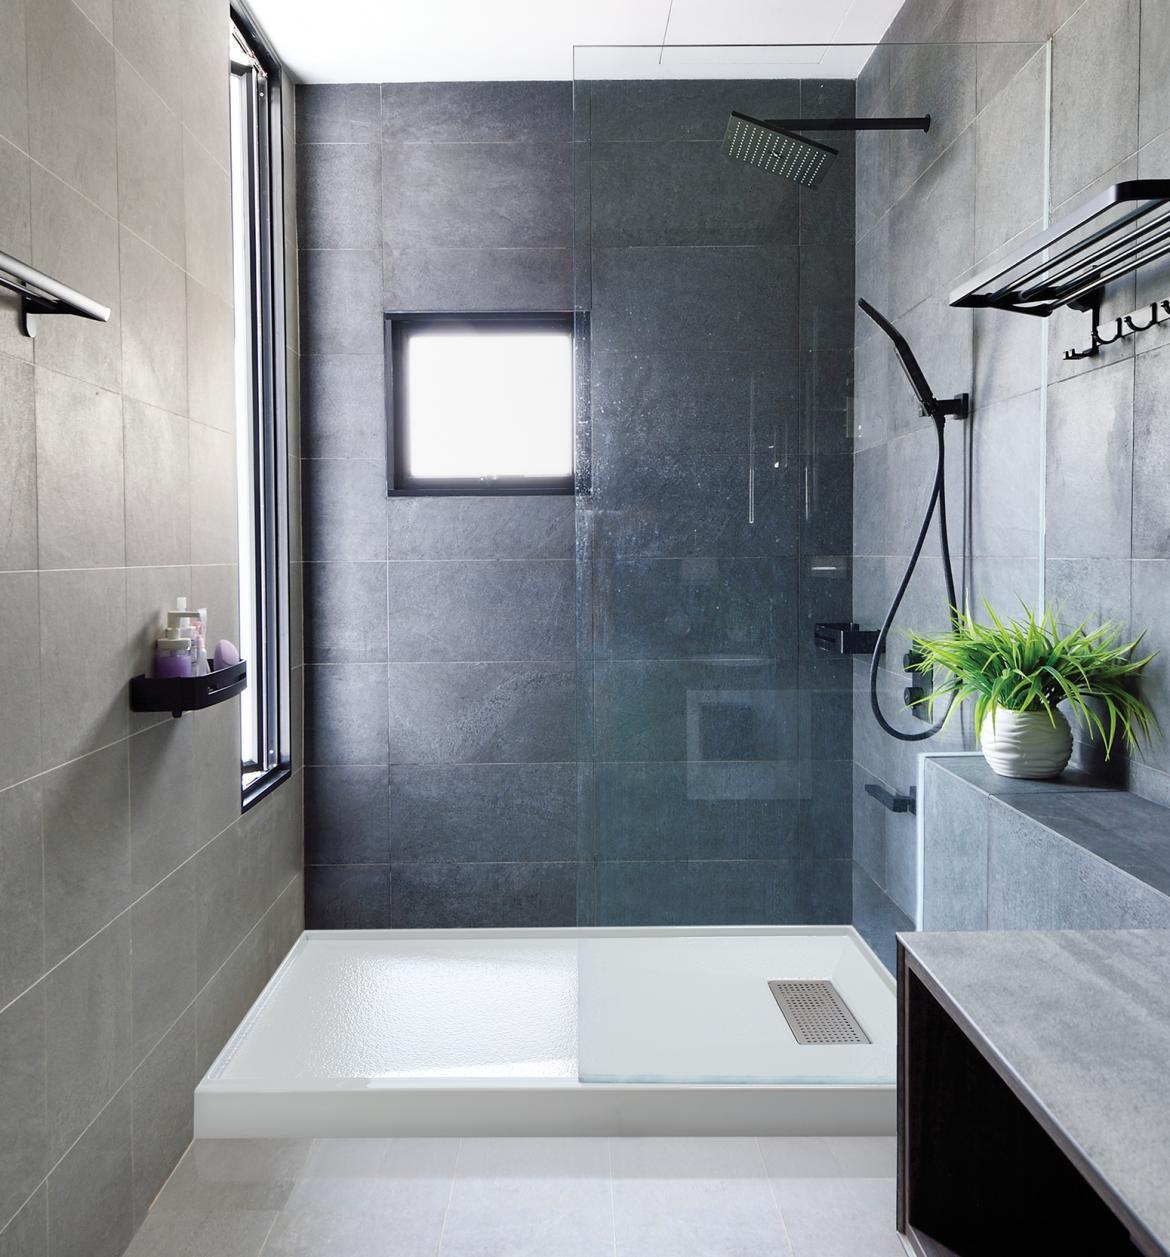 MTI shower base